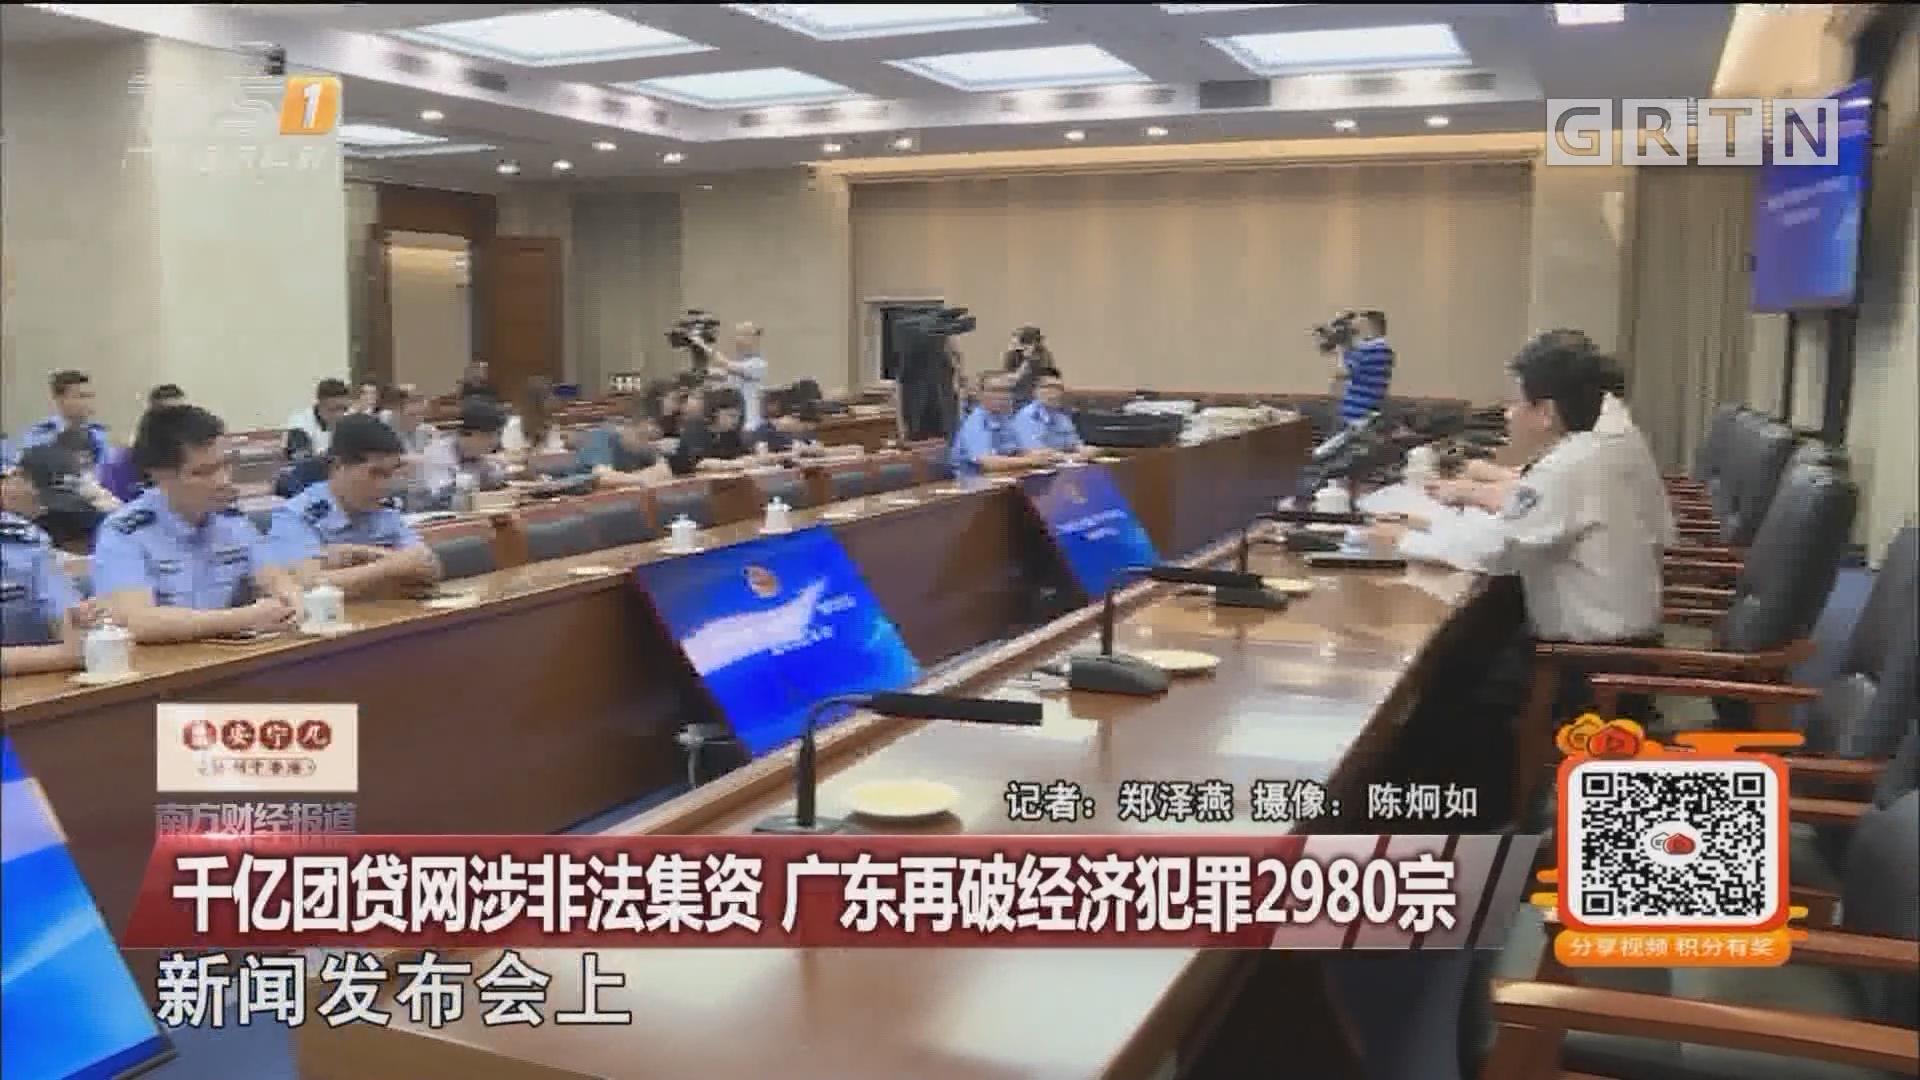 千亿团贷网涉非法集资 广东再破经济犯罪2980宗